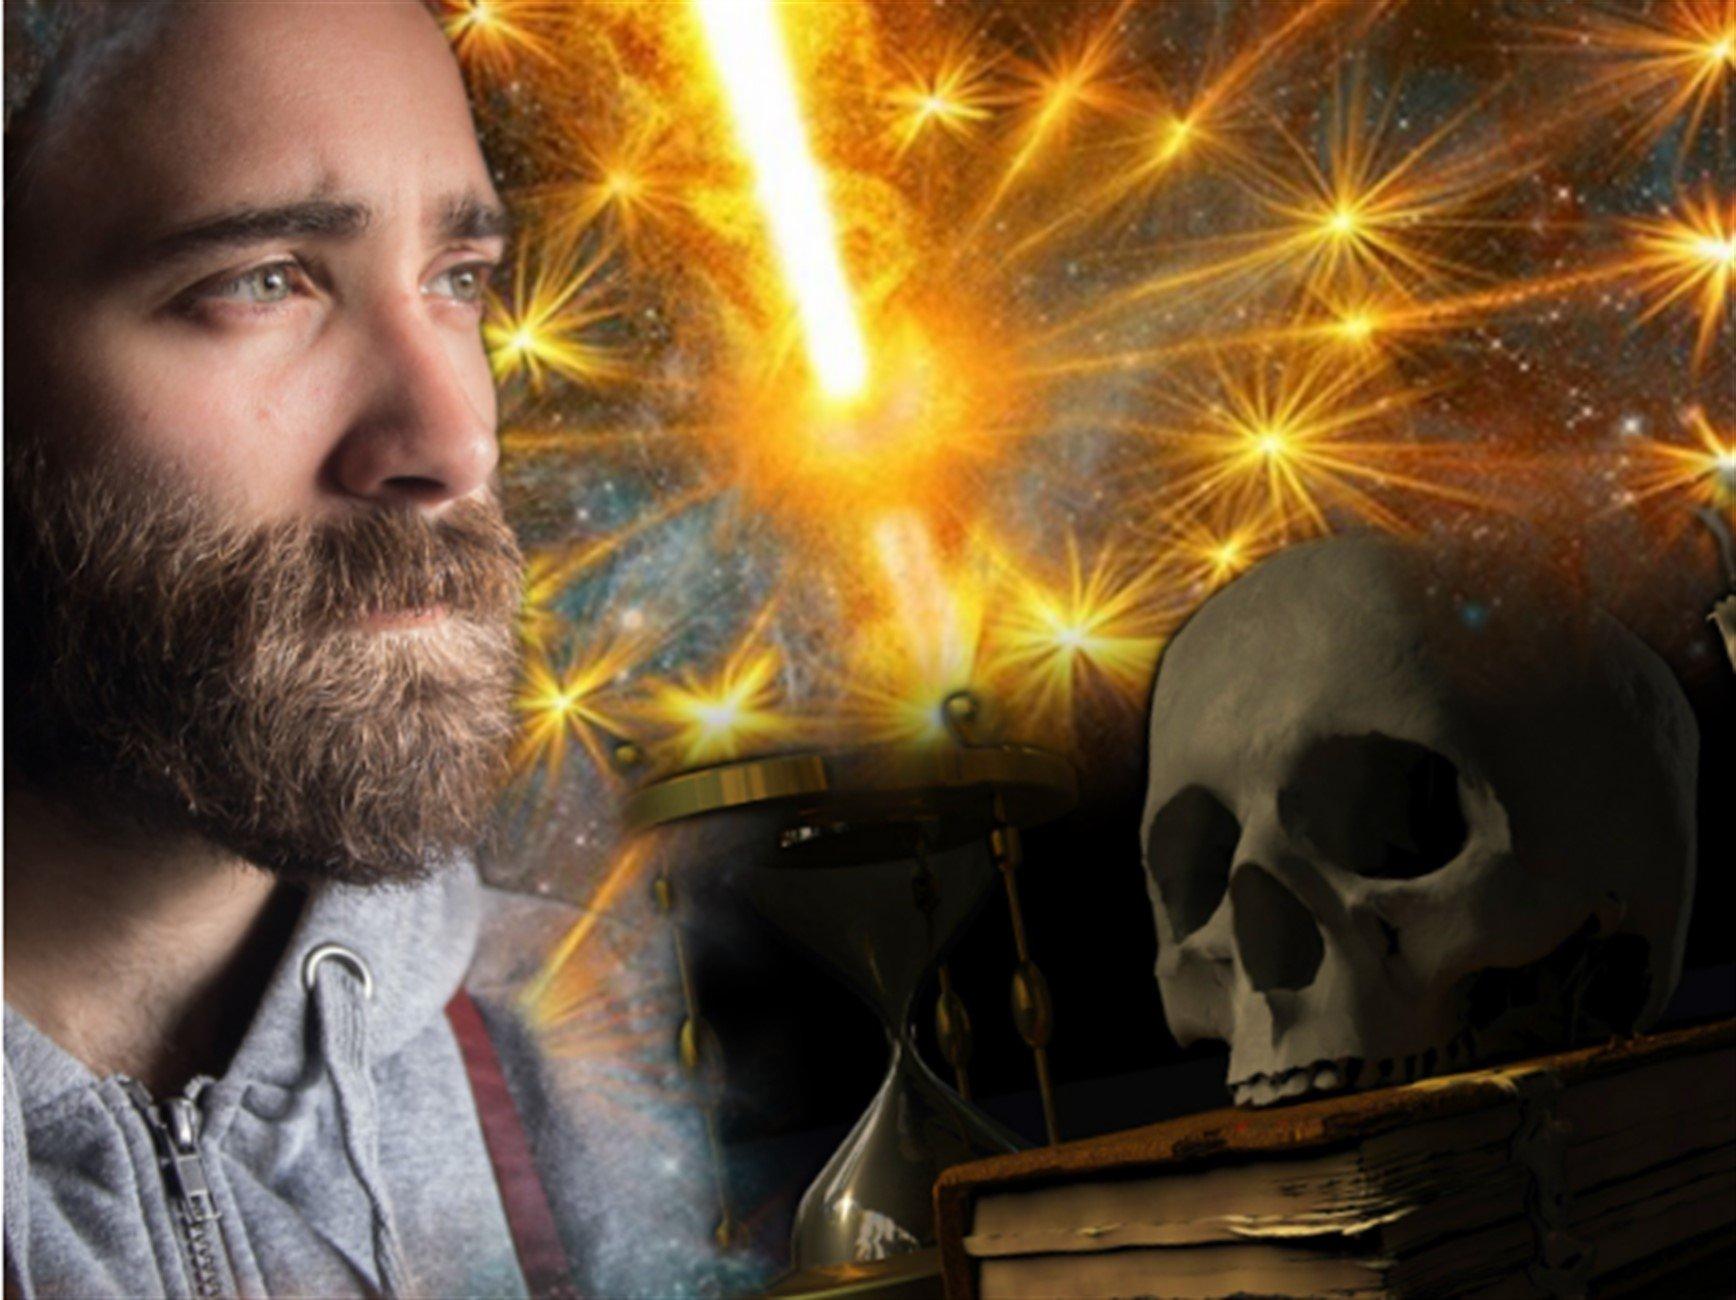 предсказание, апокалипсис, происшествия, пауни, астероид, Солнце, Конец света-2019, смерть, лава